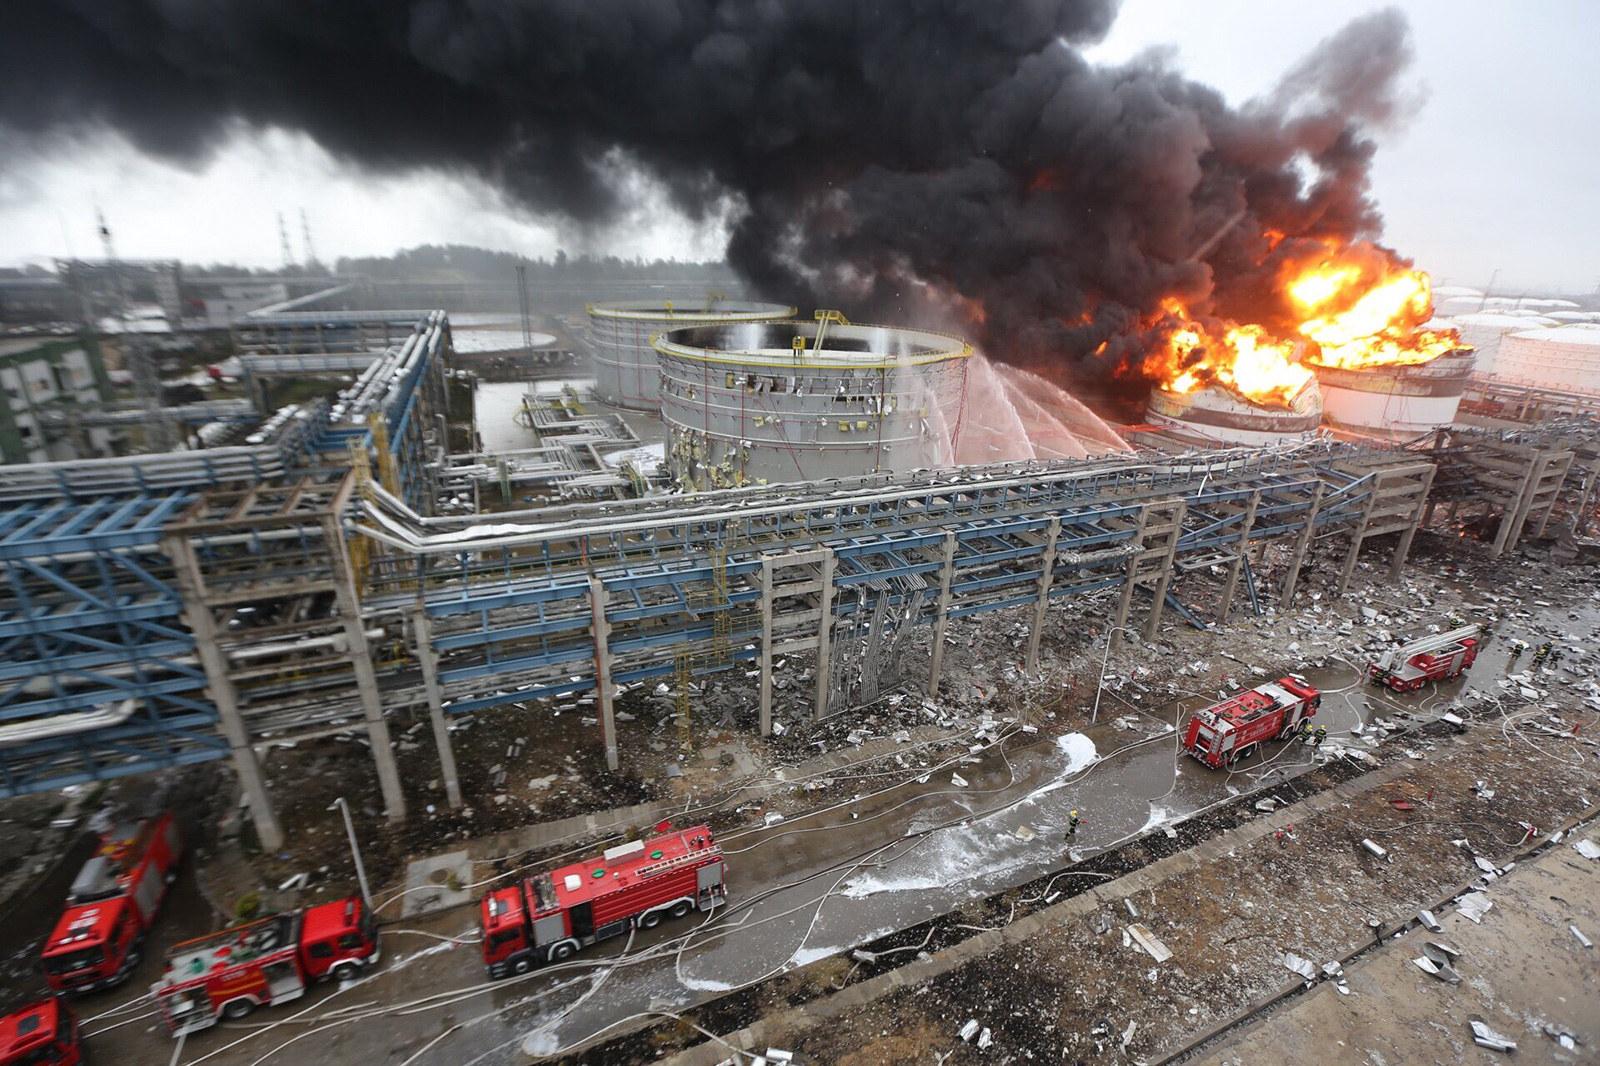 67 kinezë të vdekur pas aksidentit në një central elektrik